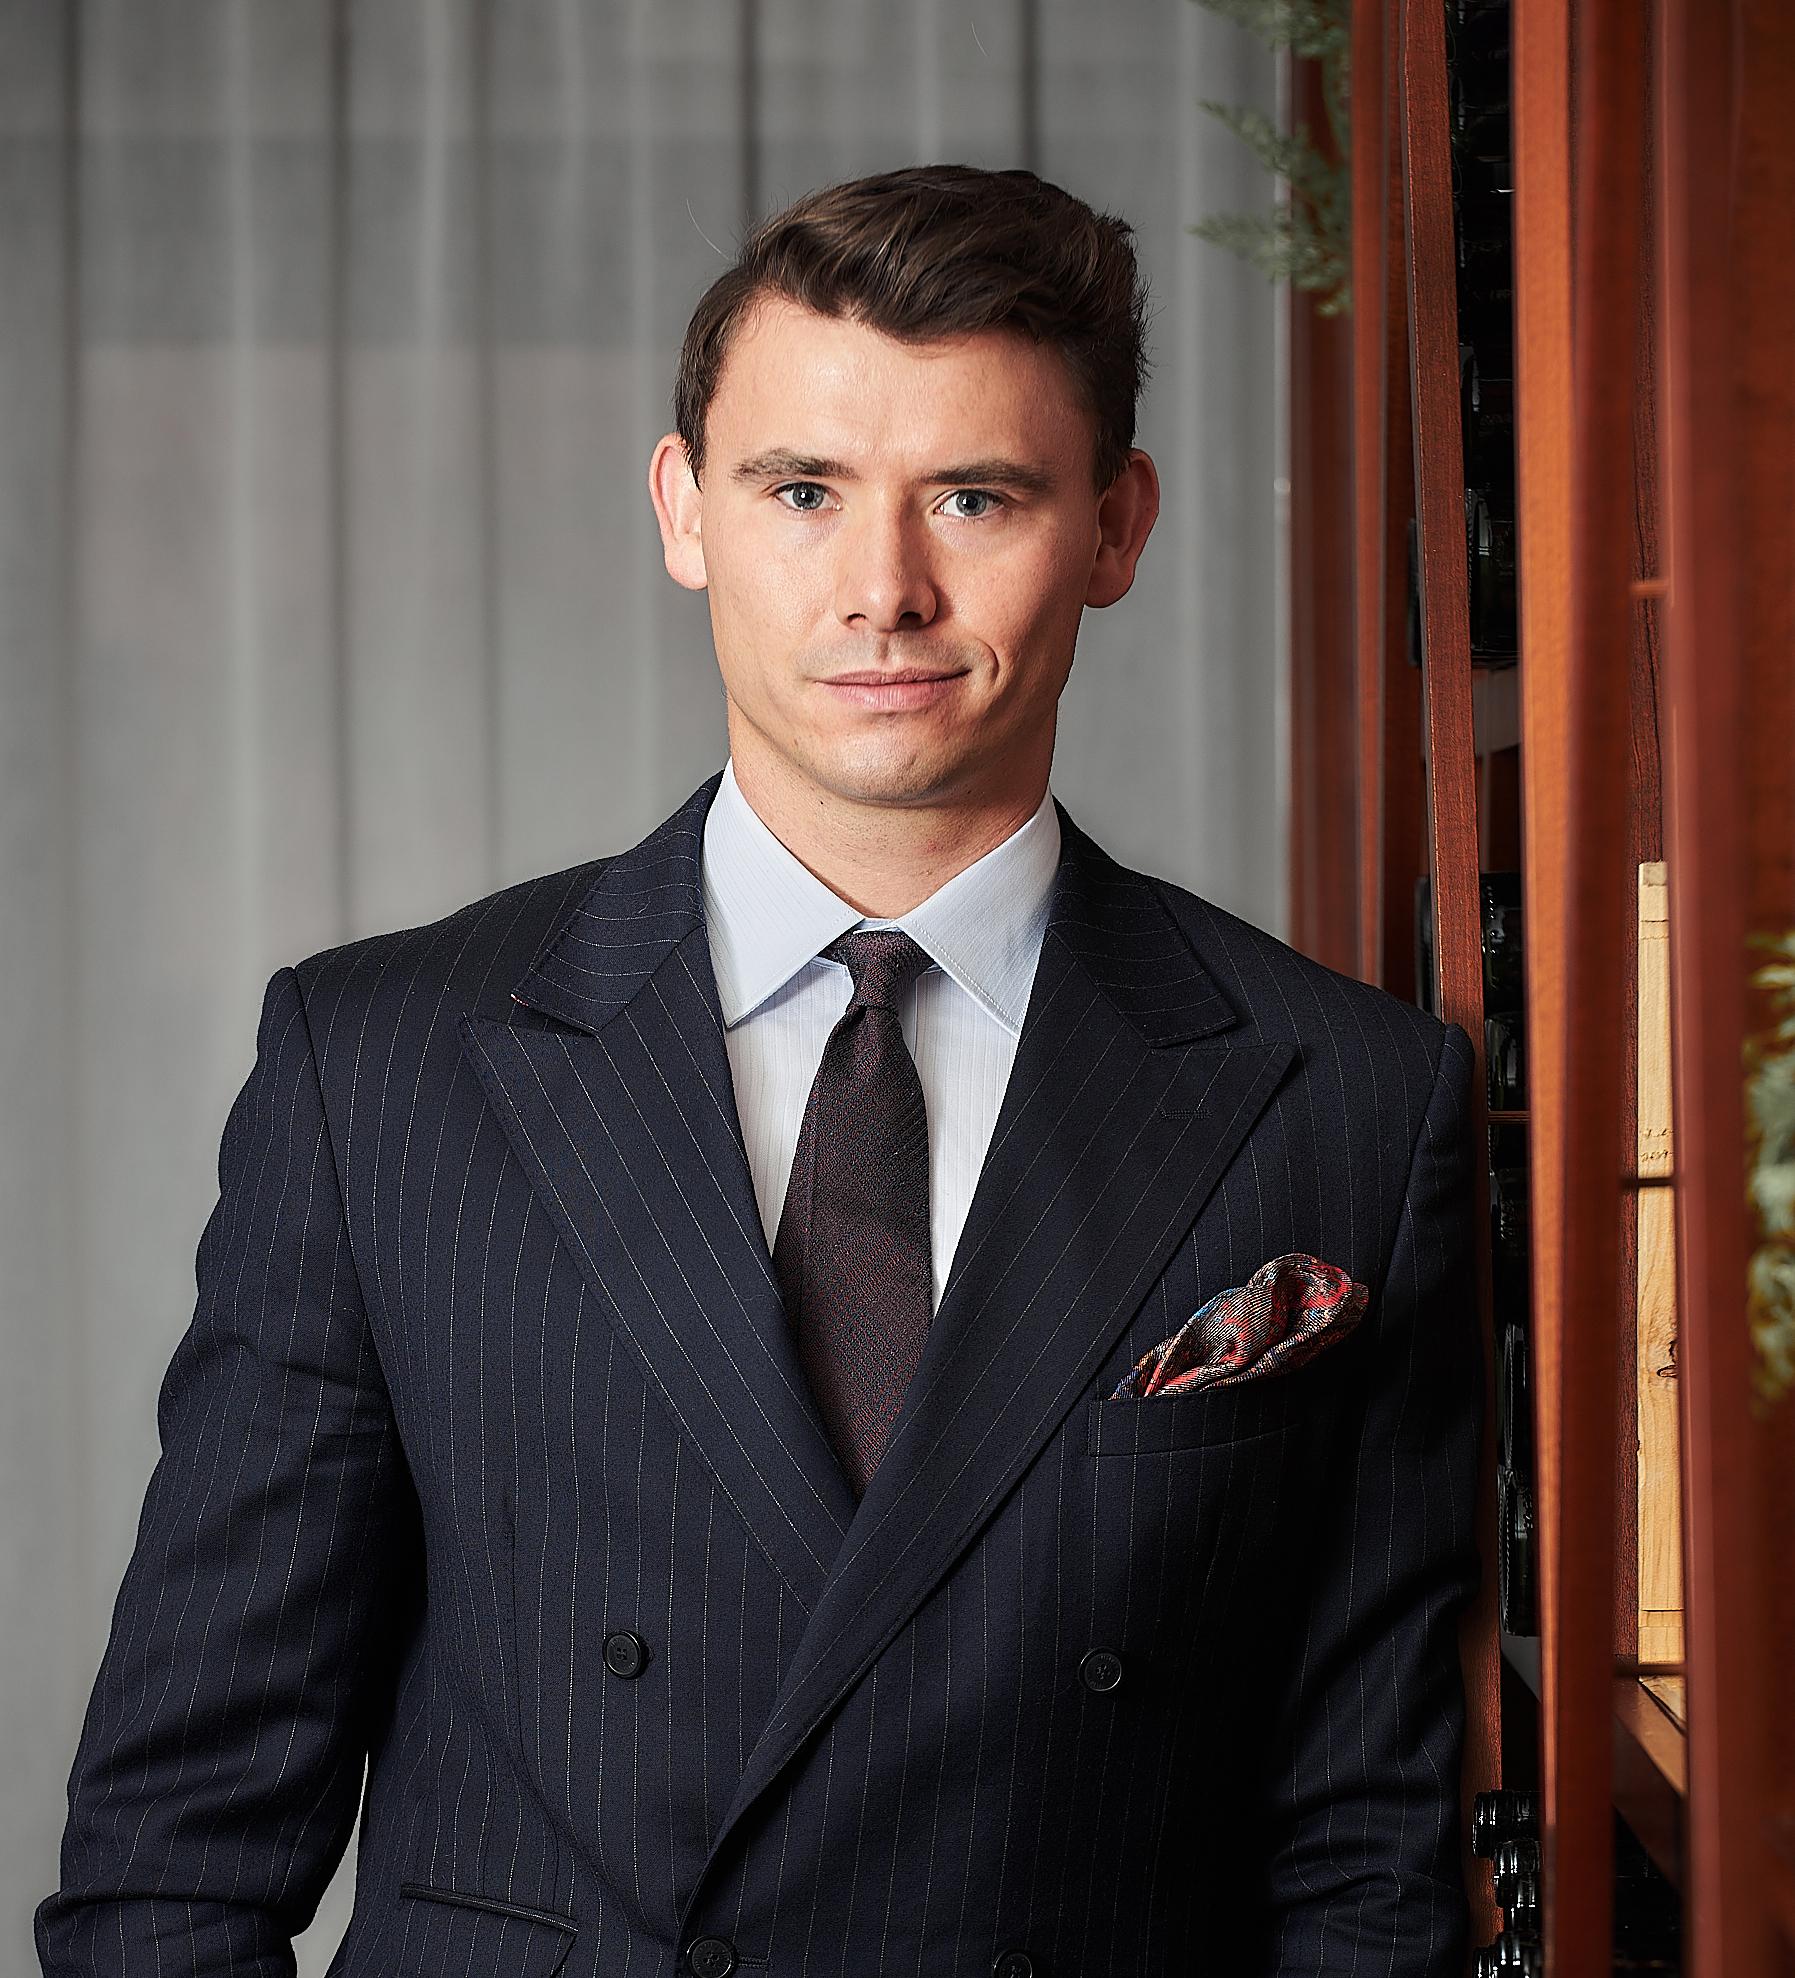 Tomasz Mielech